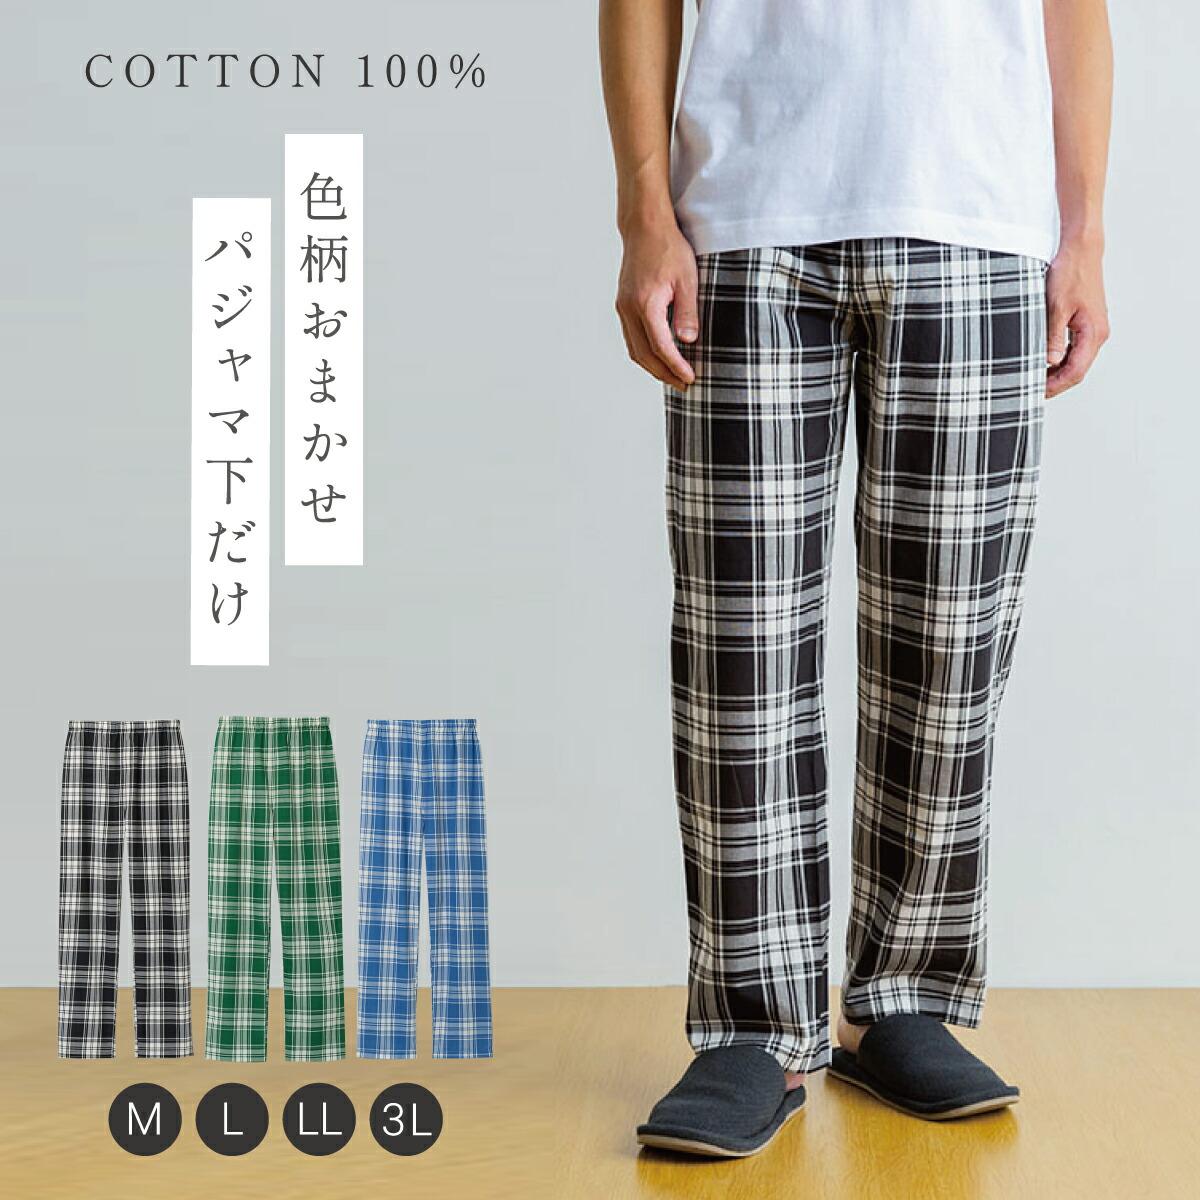 パジャマ下3枚組 メンズ M-3L